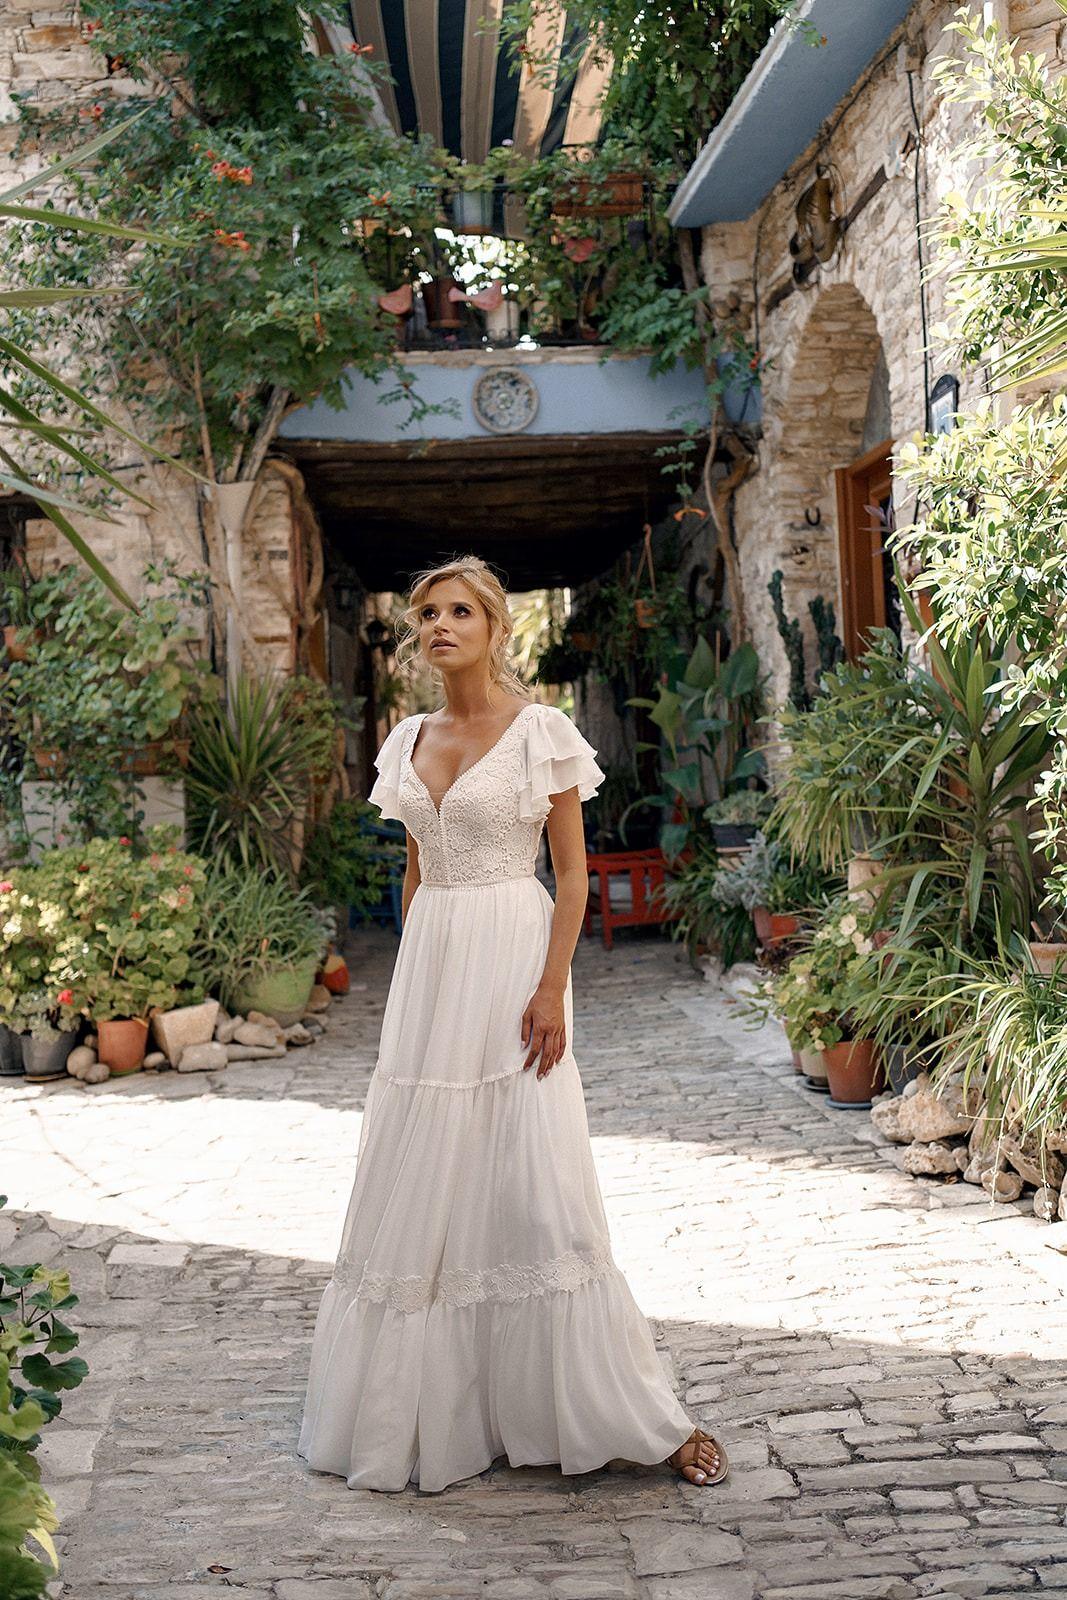 Suknia Slubna Boho Z Koronka Alita I Pracownia Sukien Slubnych Dama Couture Z Warszawy 2020 2021 Dream Wedding Dresses Wedding Dresses Dresses